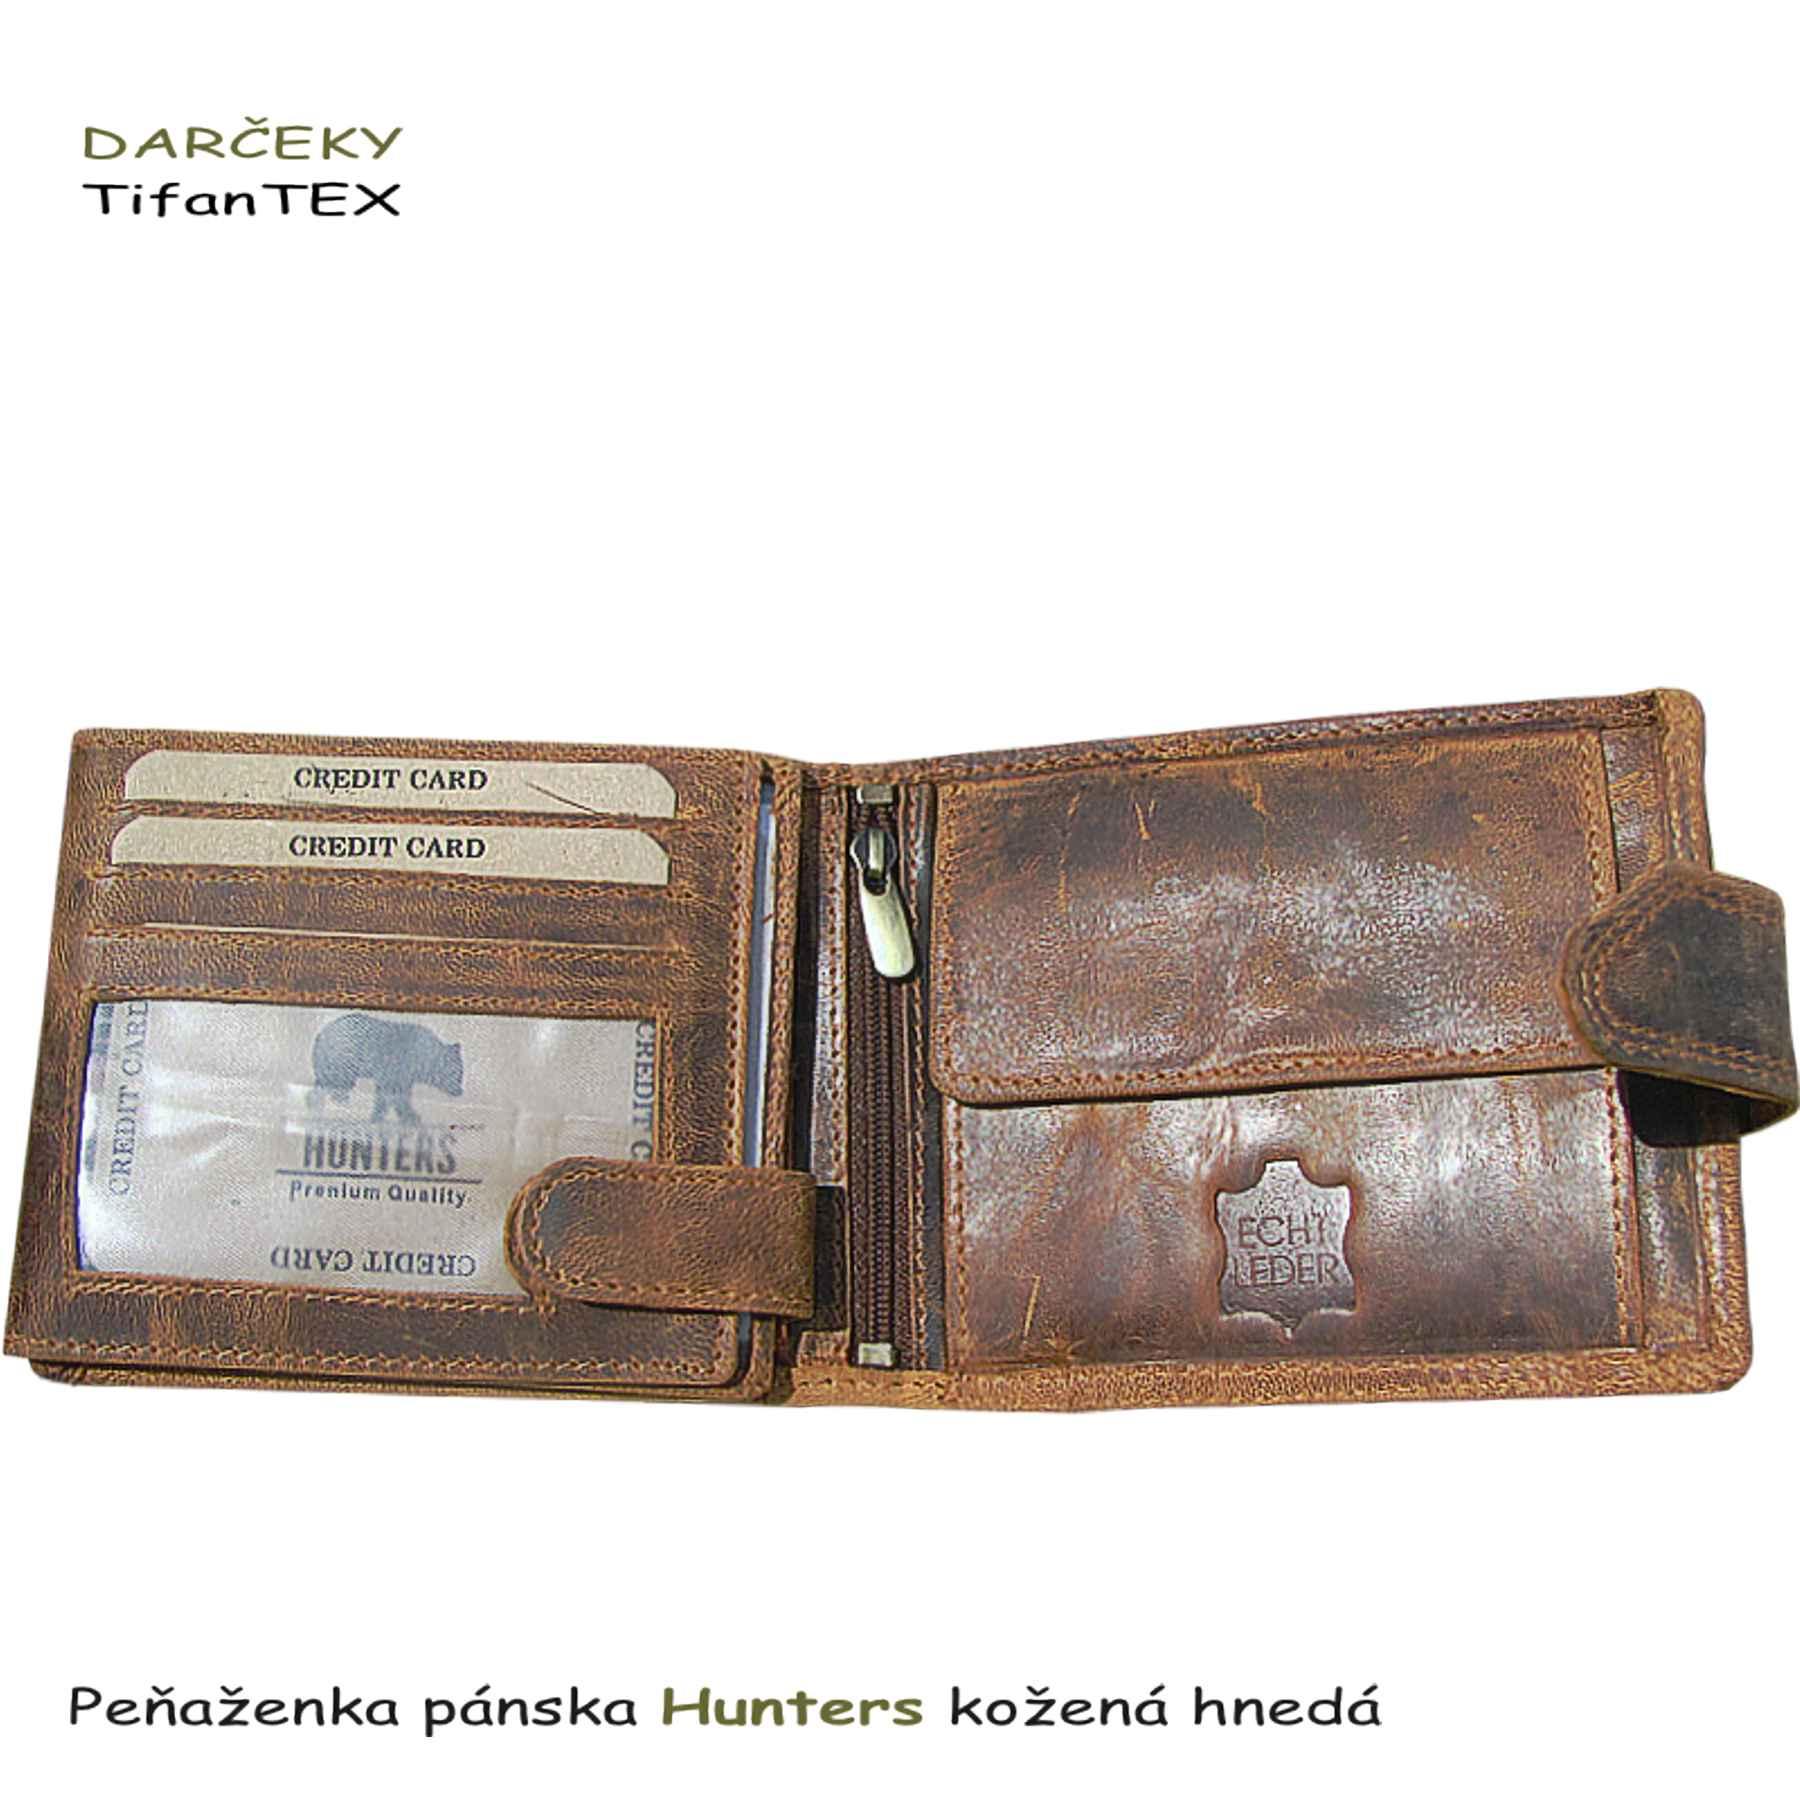 455e16b3f ... Peňaženka pánska Hunters kožená hnedá, Tifantex veľkosklad